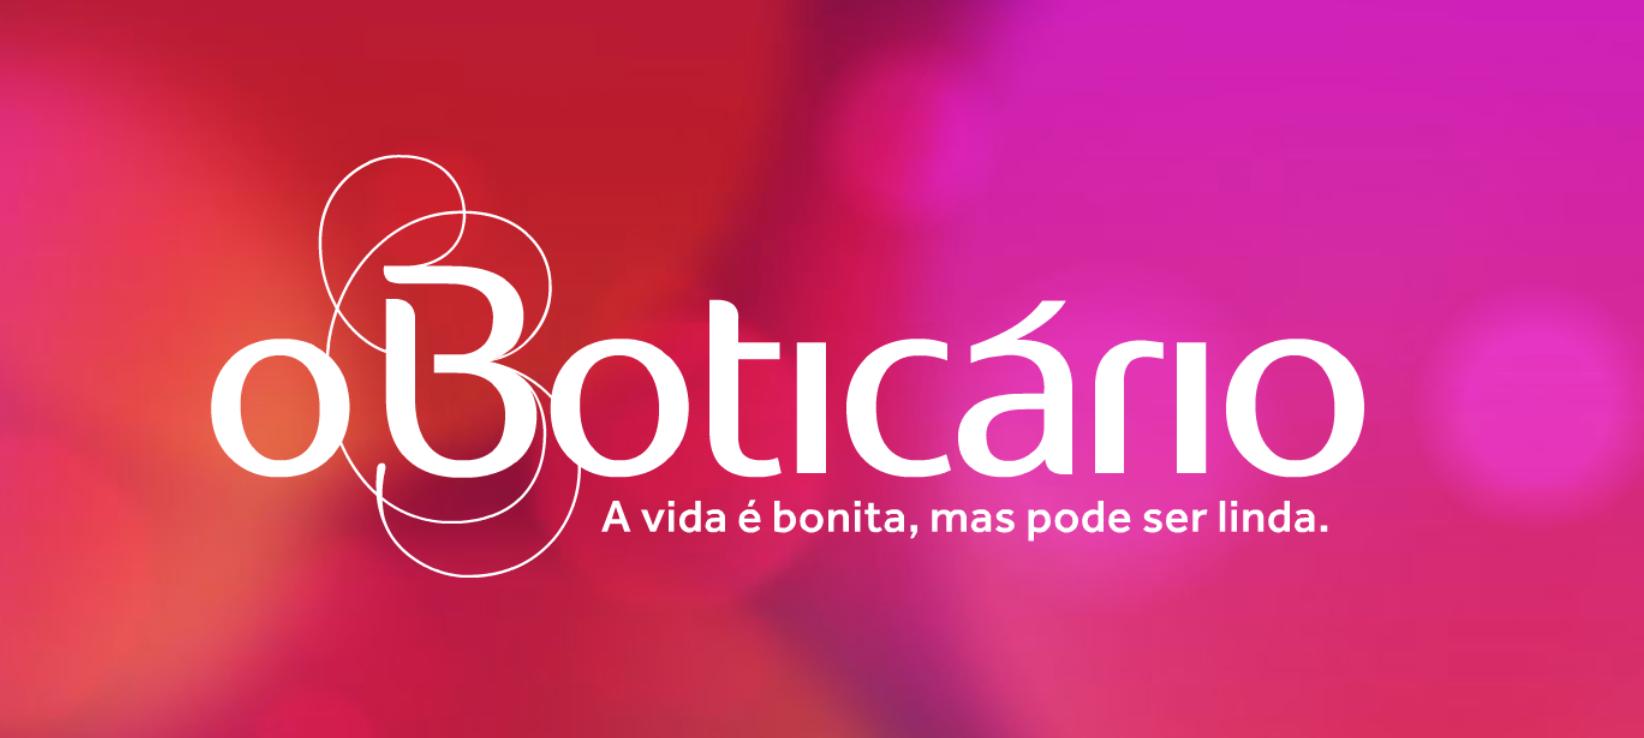 O Boticário Logotipo